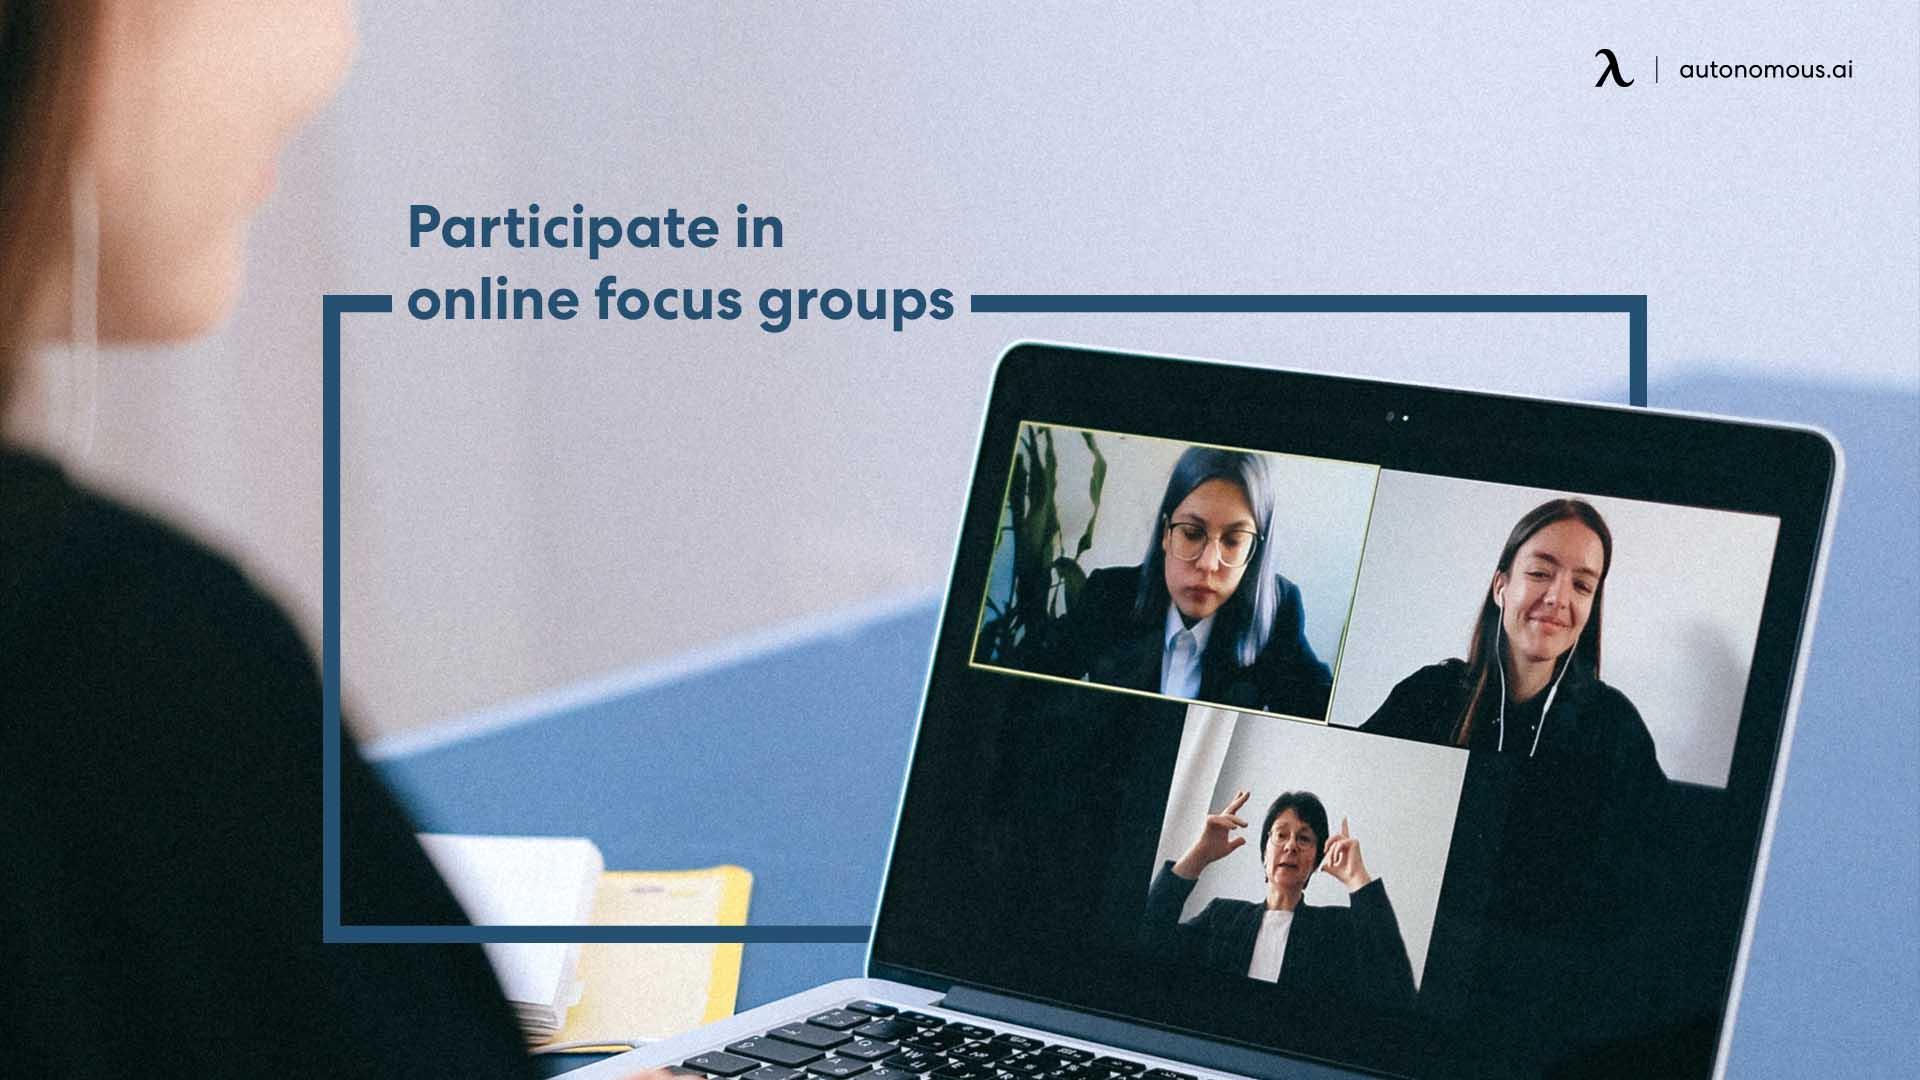 Participate in online focus groups